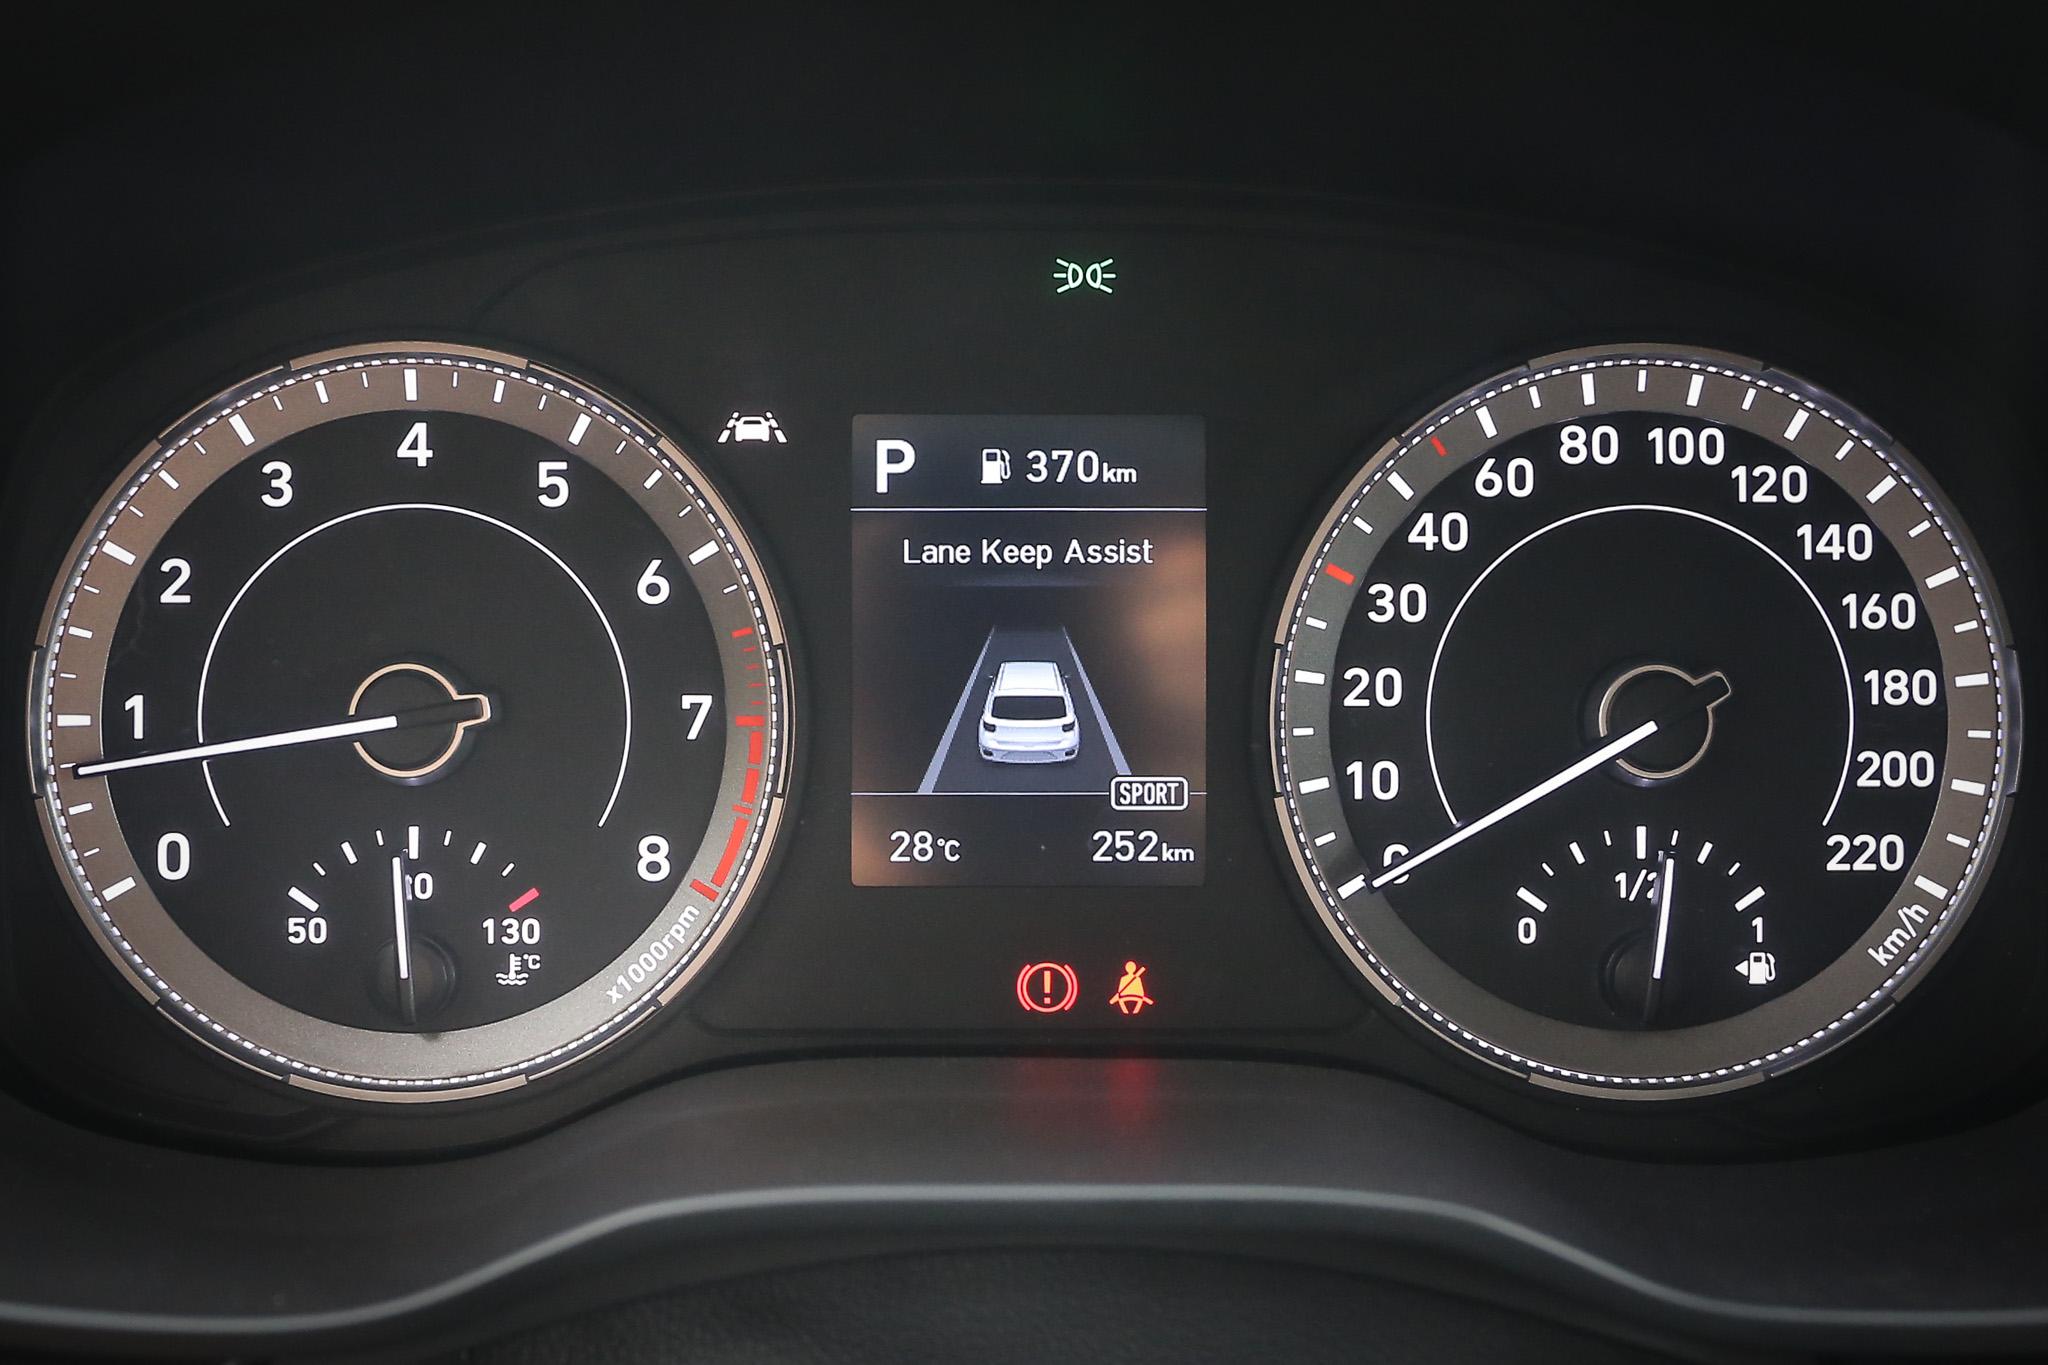 雙環儀表中央採用 3.5 吋 TFT-LCD 車資顯示幕。